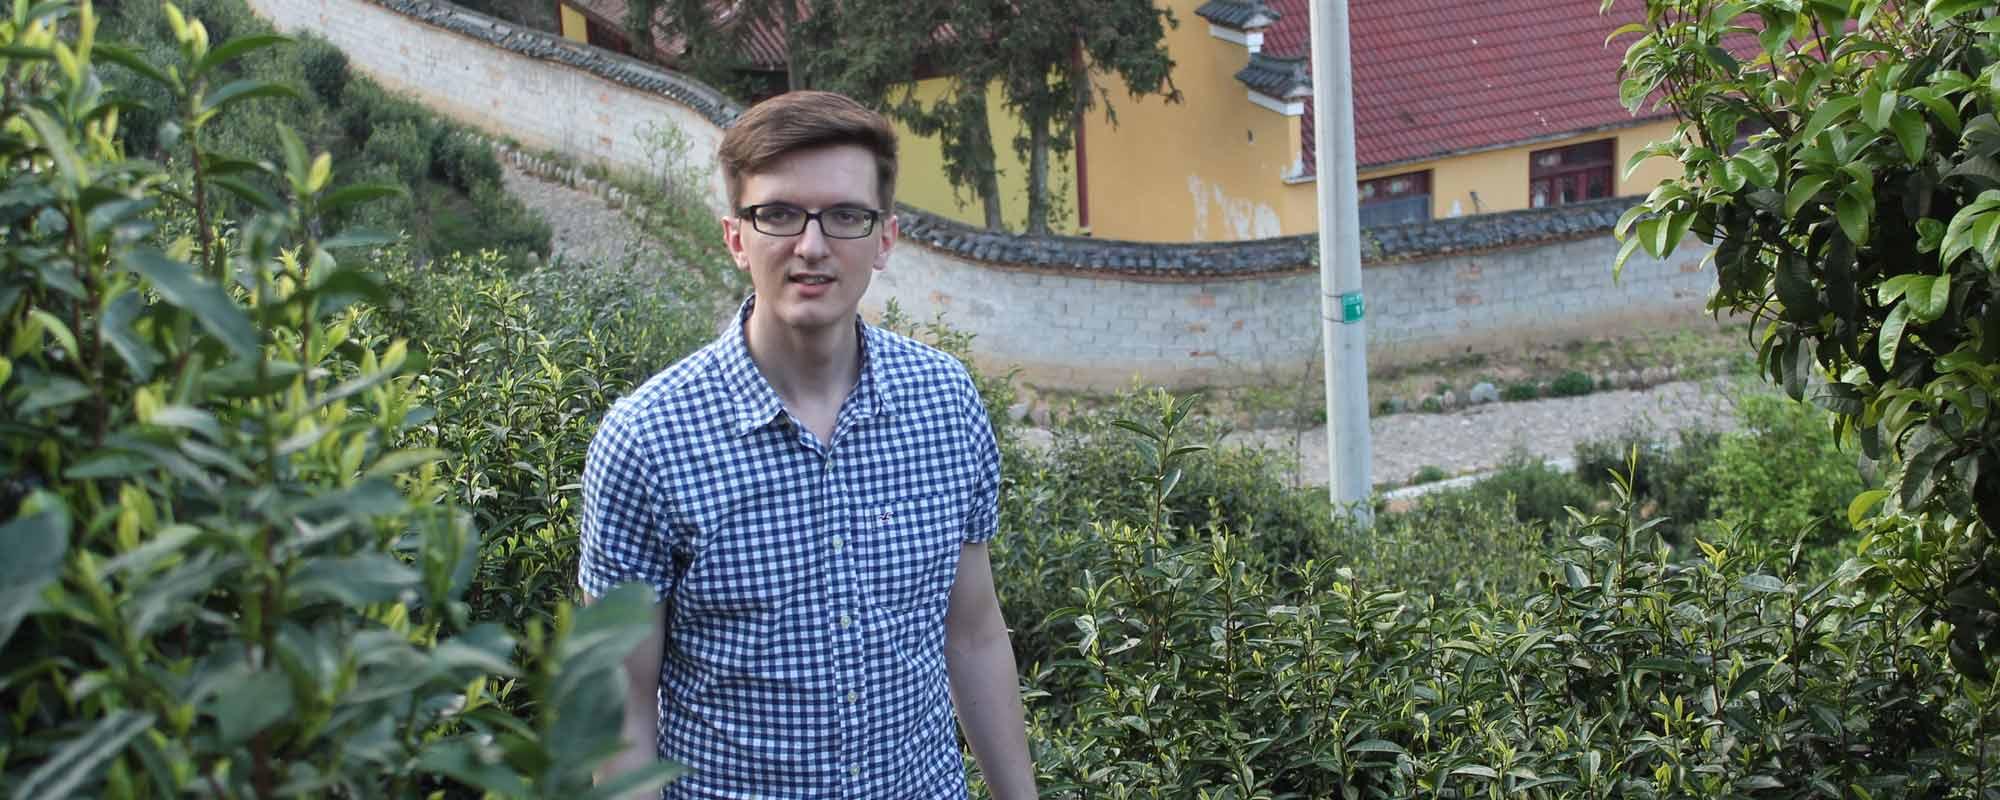 Tom at Hui Ming Temple Tea Garden